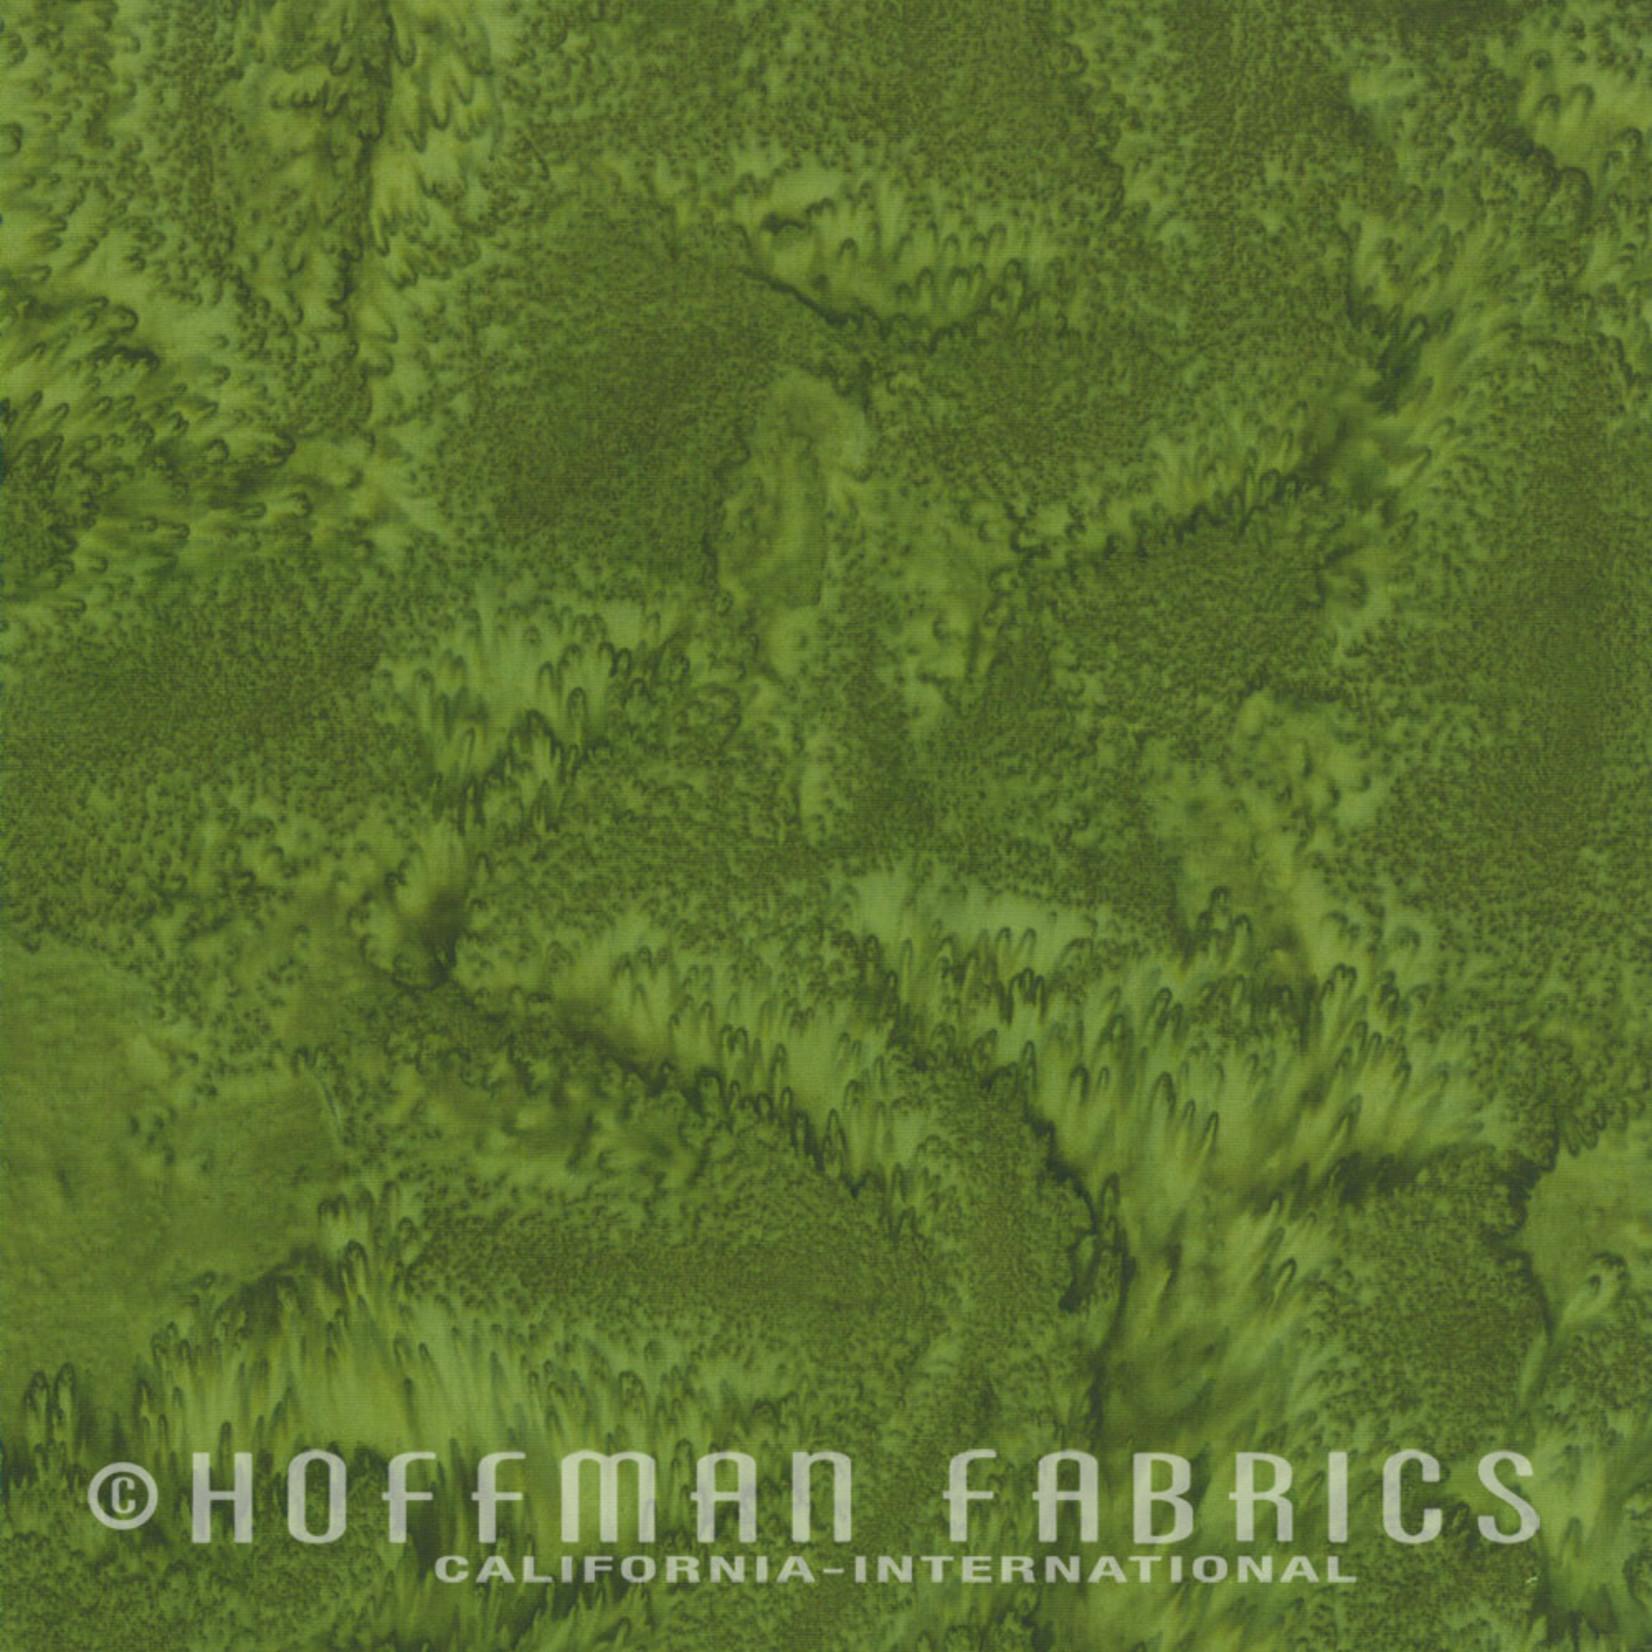 Hoffman Fabrics Watercolors 1895 - 331 Herb